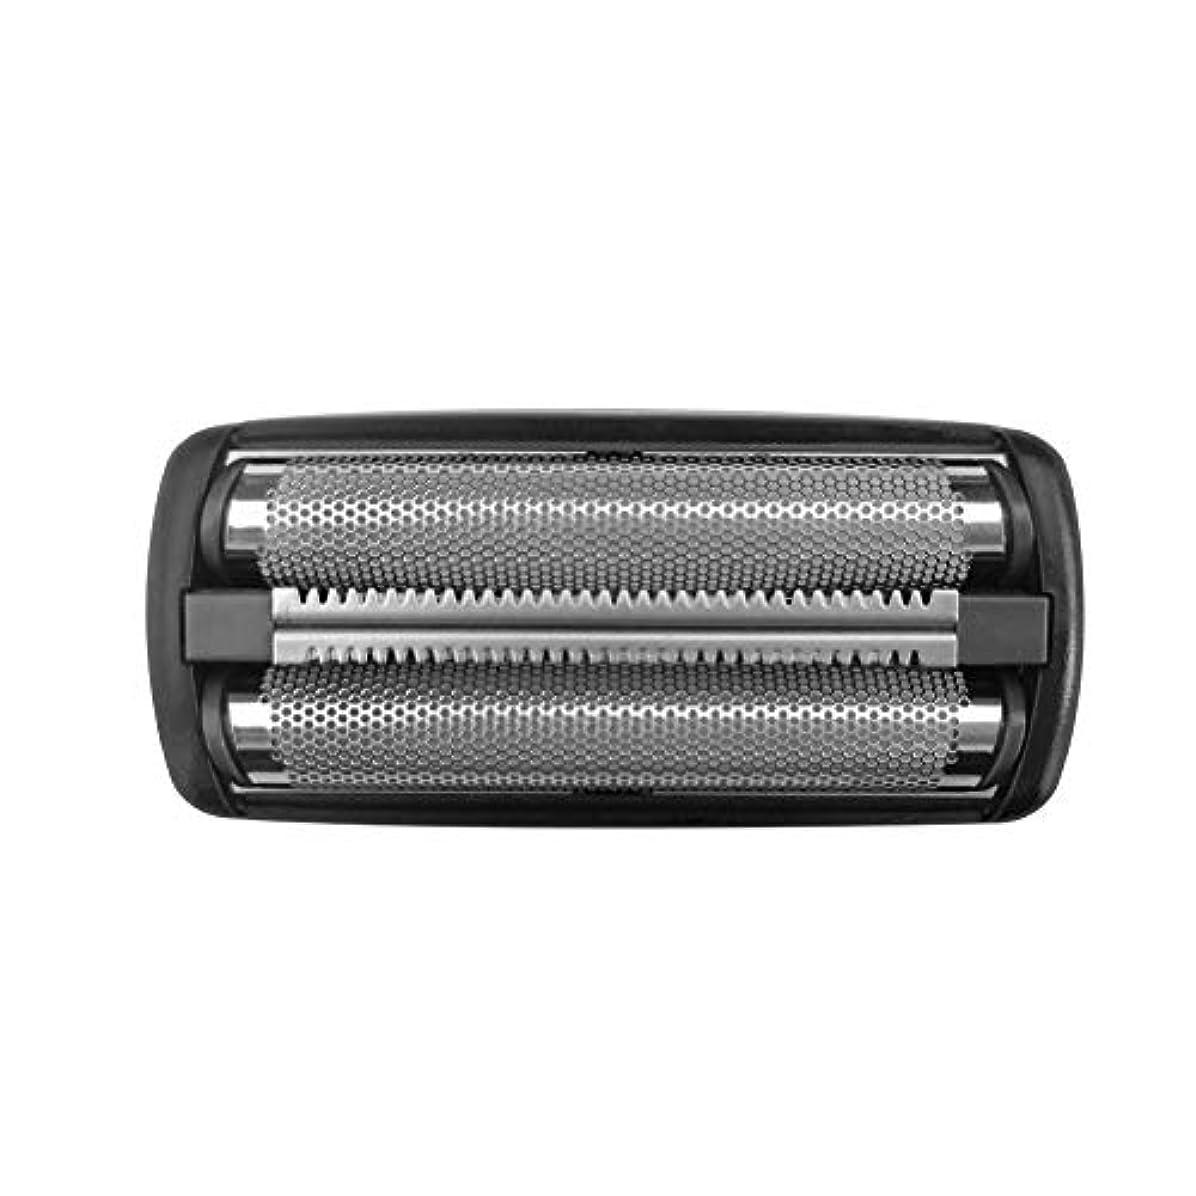 放映猛烈なシーサイド電気シェーバー 替え刃 メンズシェーバー 網刃